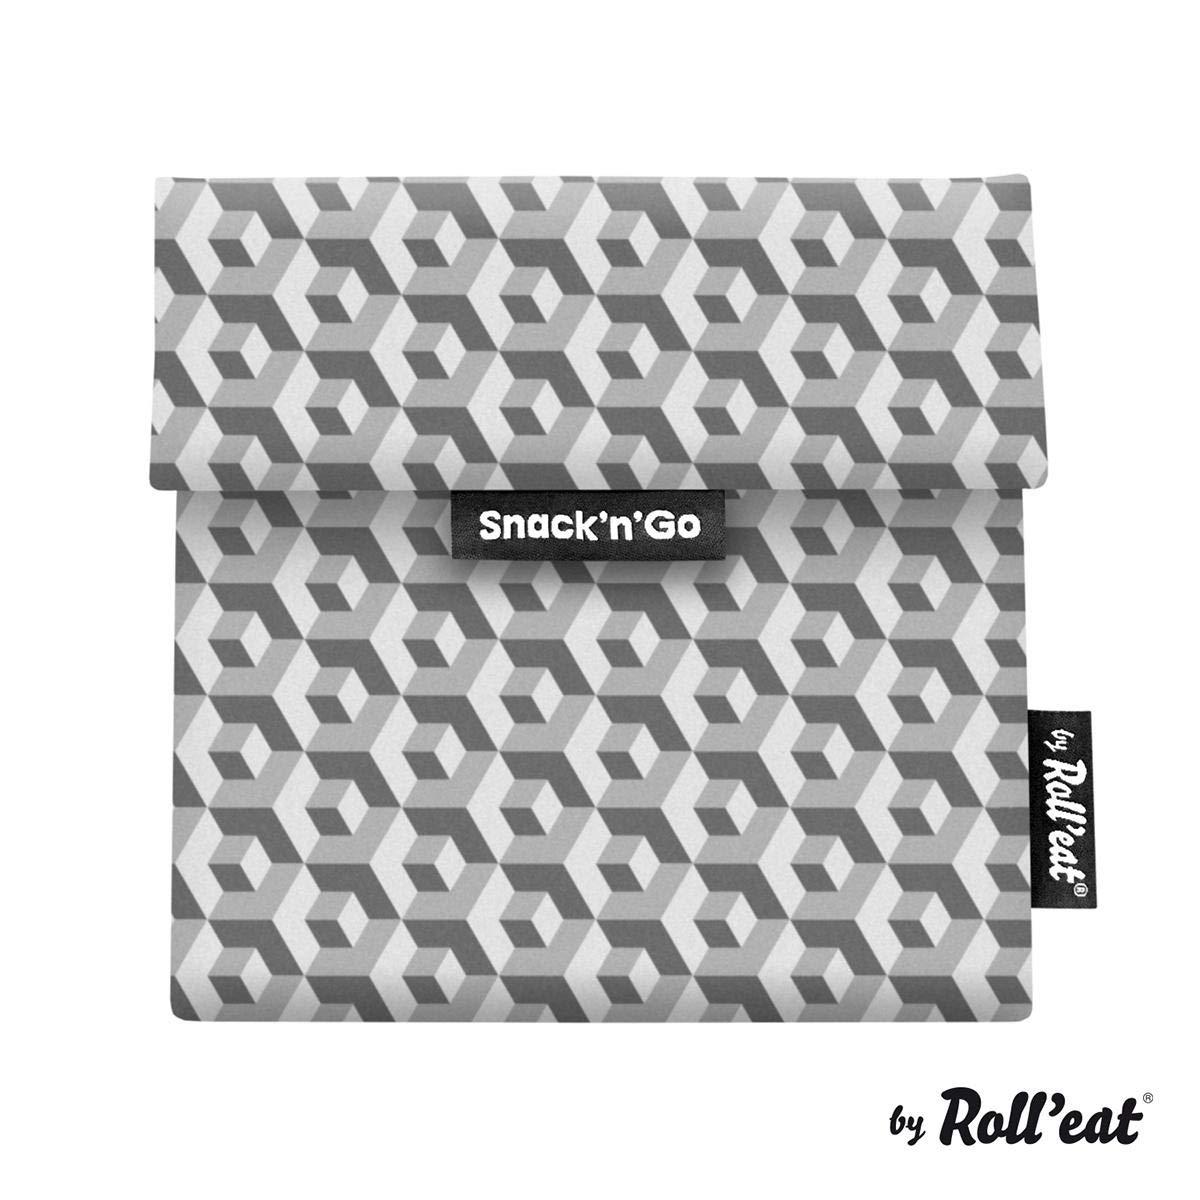 Rolleat SnacknGo Sac /À Go/ûter R/éutilisable Tiles G/òtic